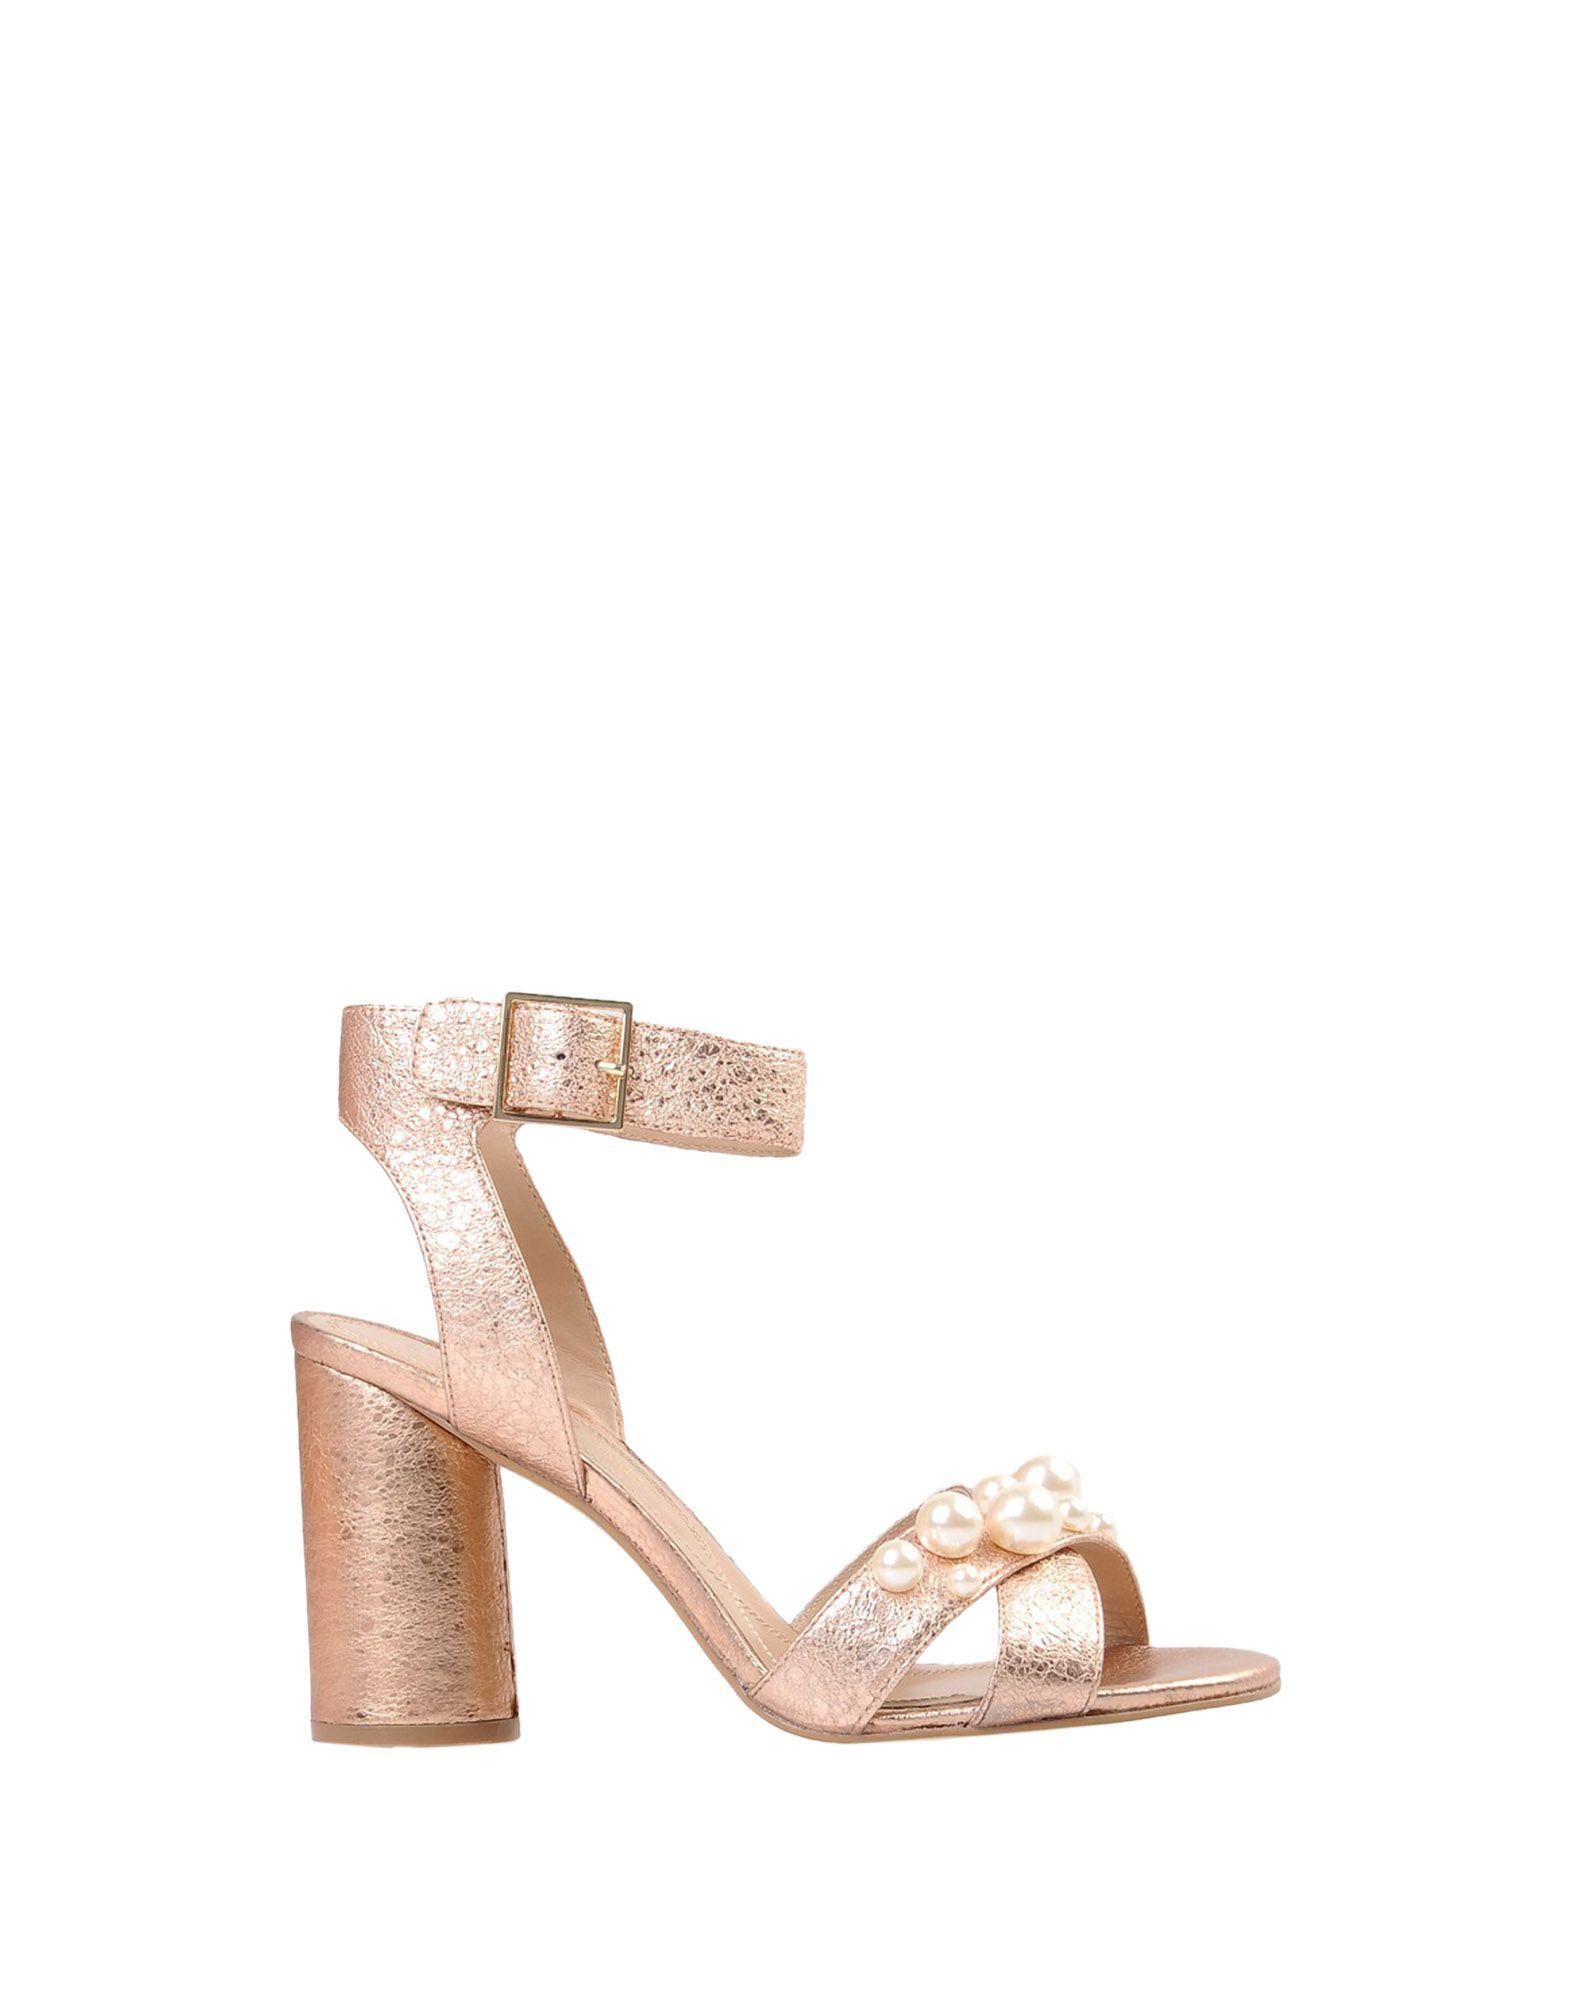 Bruno Premi Sandalen Damen  11463760EB Gute Qualität beliebte beliebte beliebte Schuhe 9b7f31